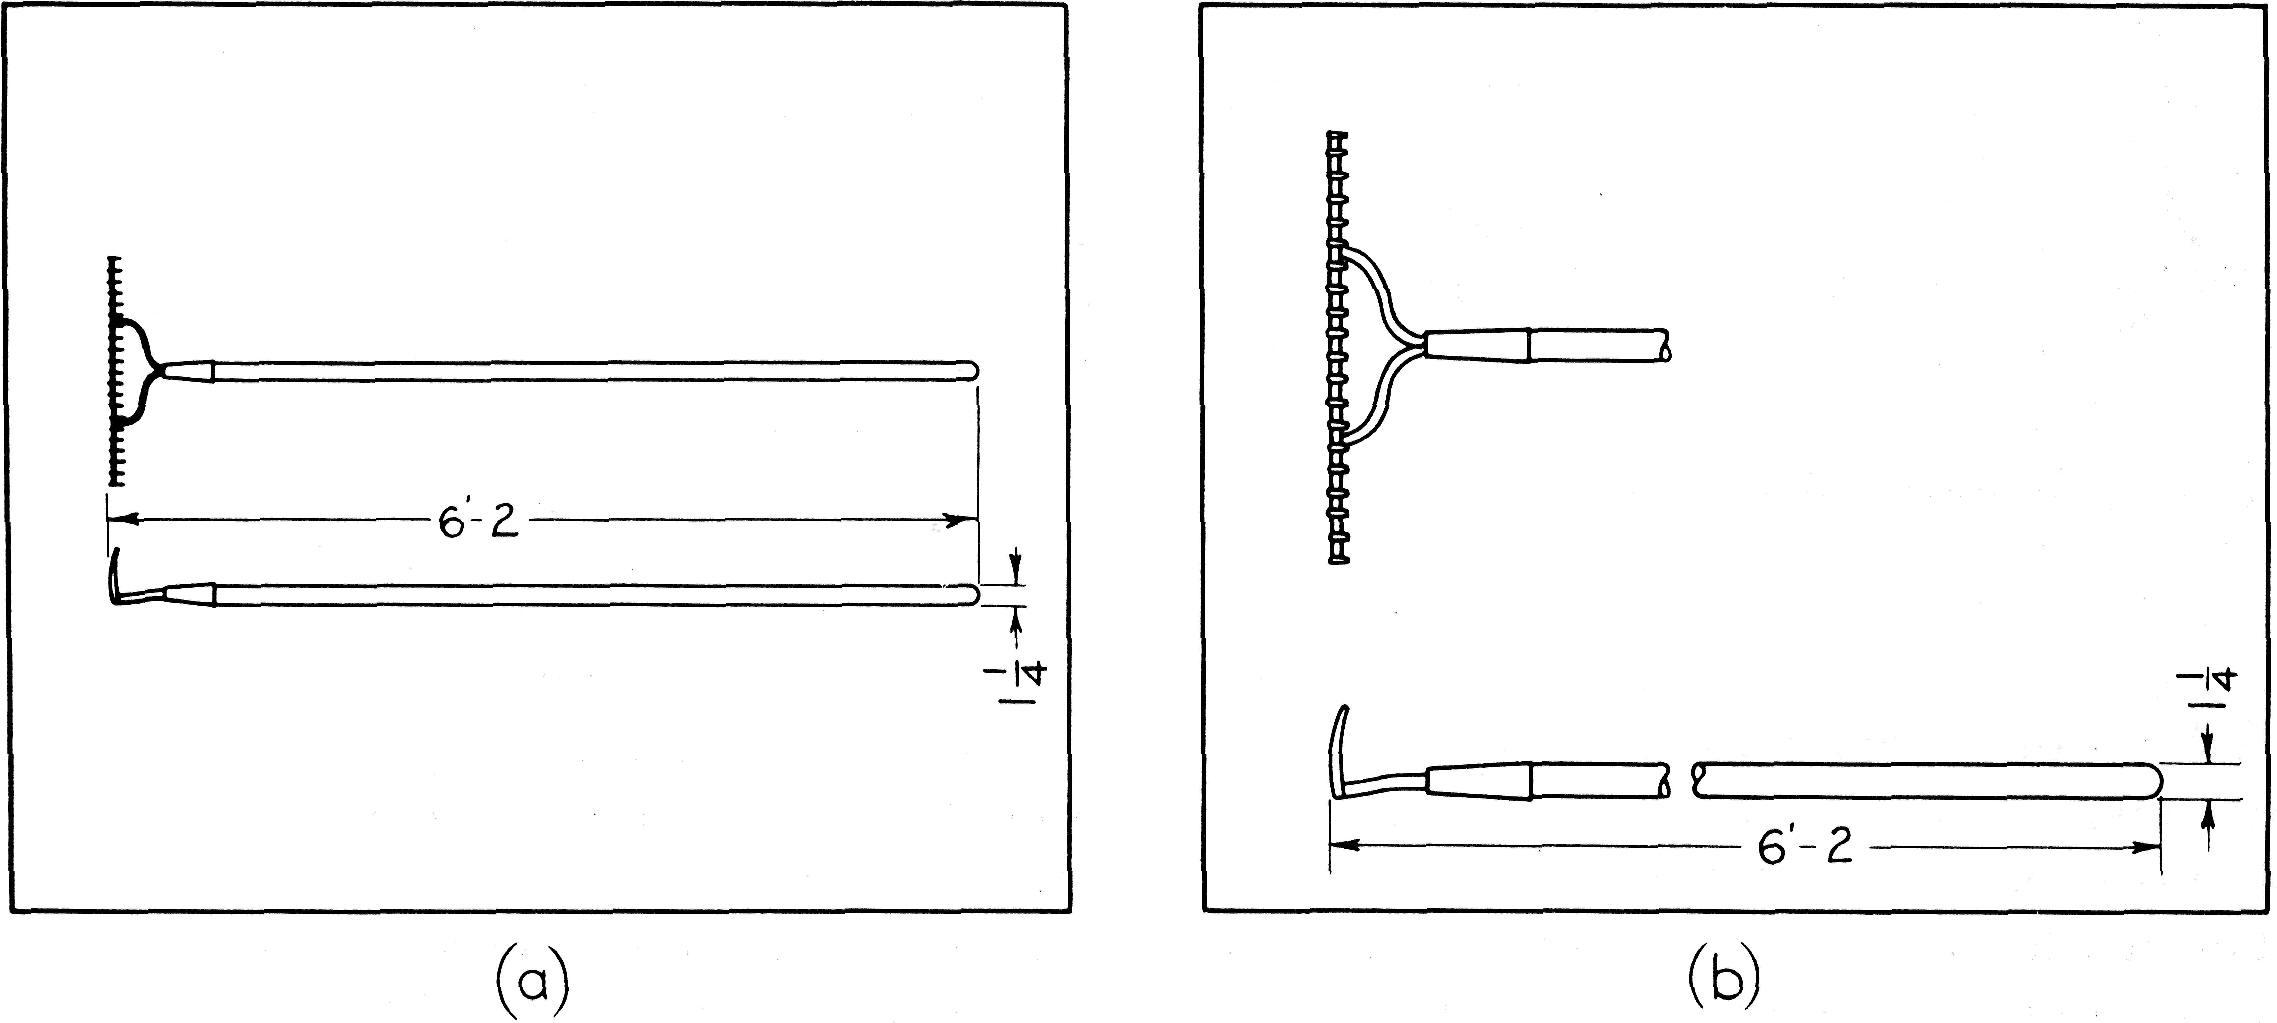 Vues interrompues - Coupe et section dessin technique ...